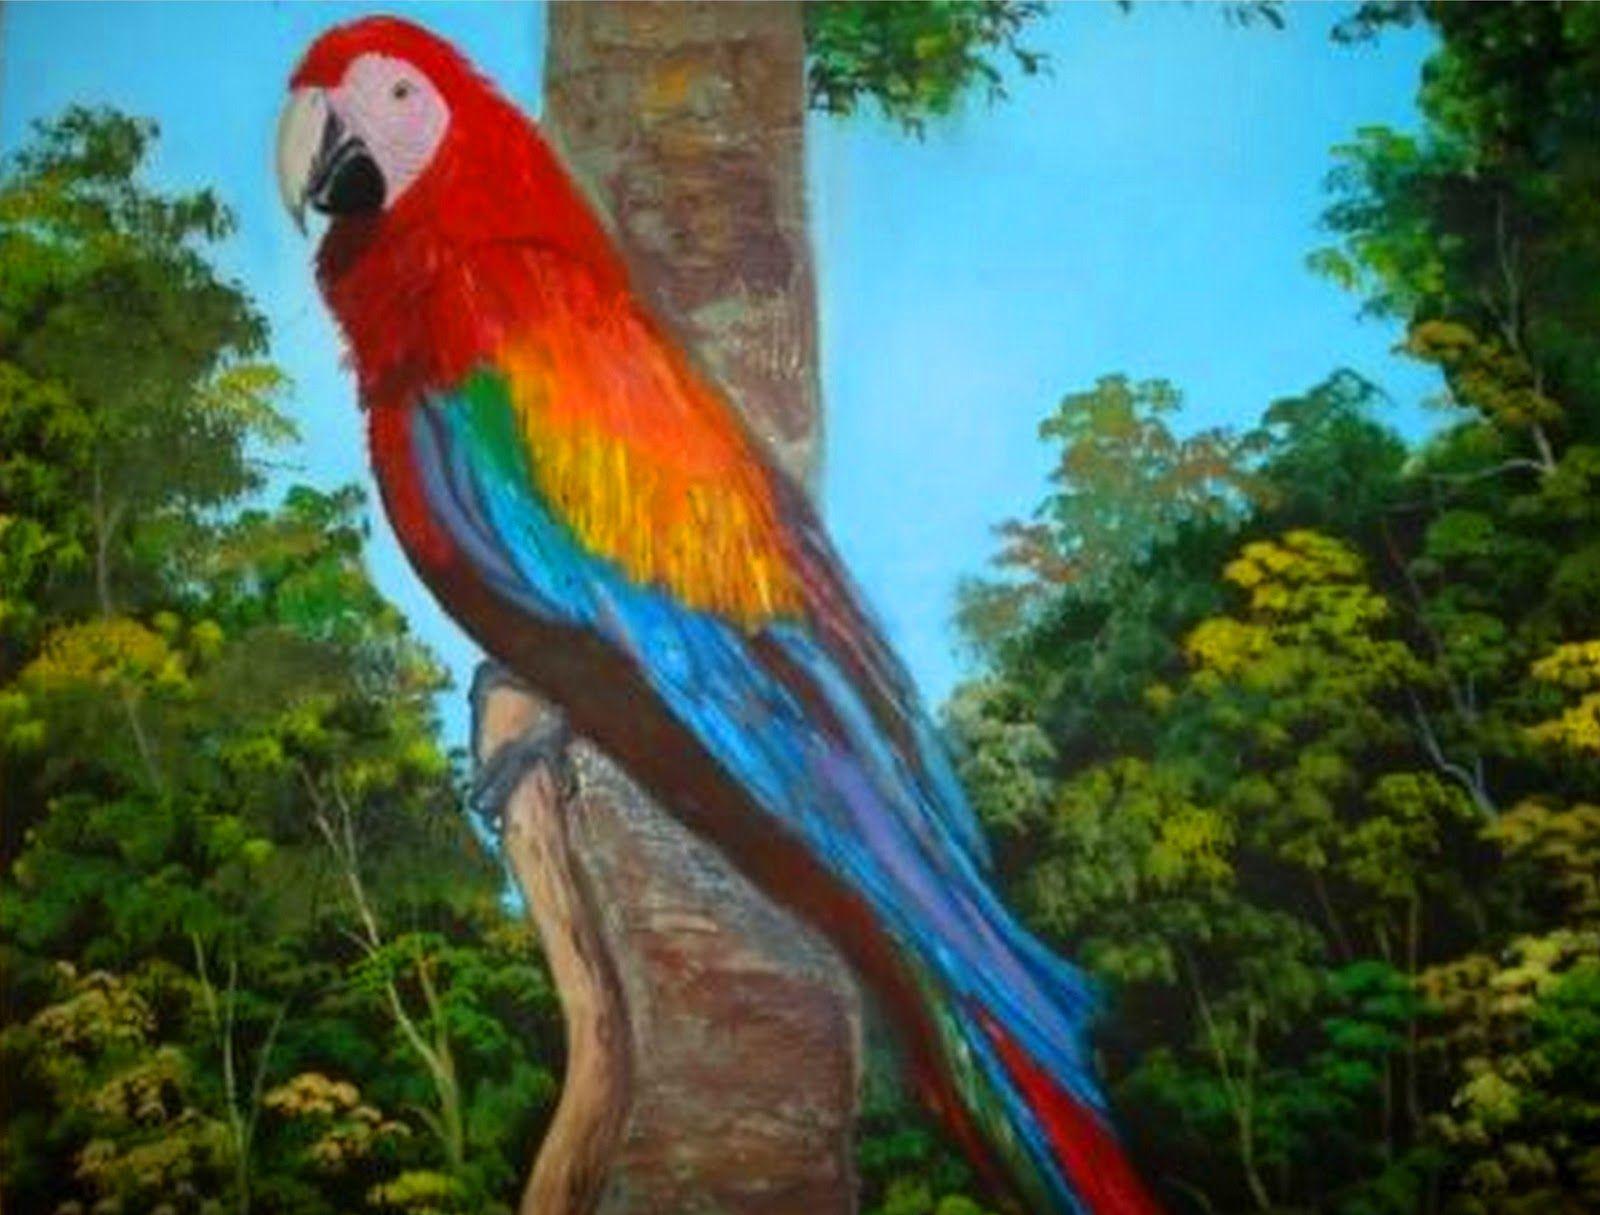 Imagenes Flores Caricatura Buscar Con Google: Imagenes Paisajes Con Aves - Buscar Con Google